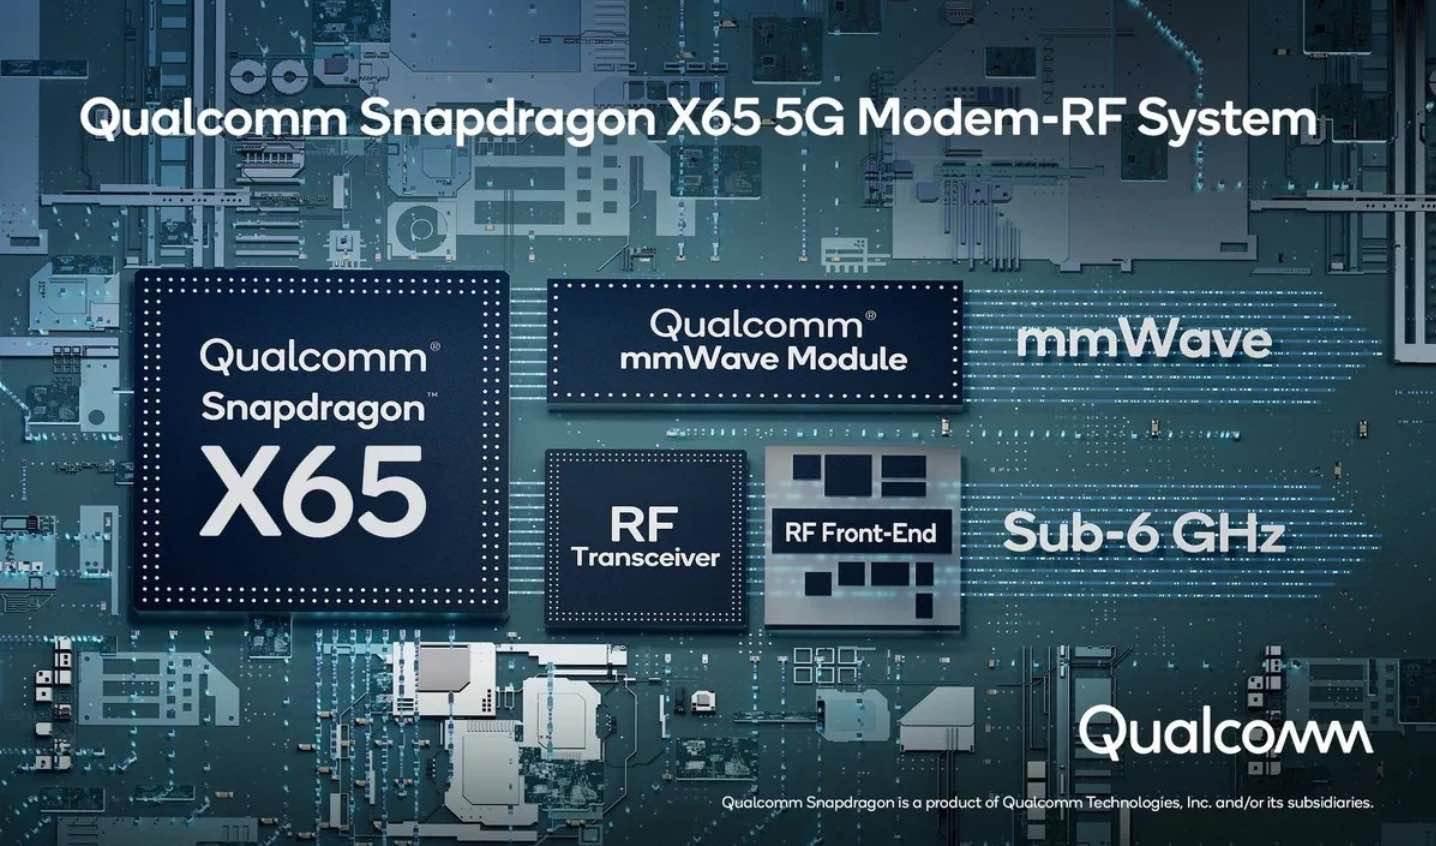 Qualcomm przedstawia 10 Gigabit 5G modem, który trafi do iPhone 14 polecane, ciekawostki Snapdragon X65, modem 5g, iPhone 14  Qualcomm zaprezentował dziś Snapdragon X65, czyli pierwszy na świecie modem 5G zdolny do pracy z prędkością do 10 Gb/s.   modem5g 1